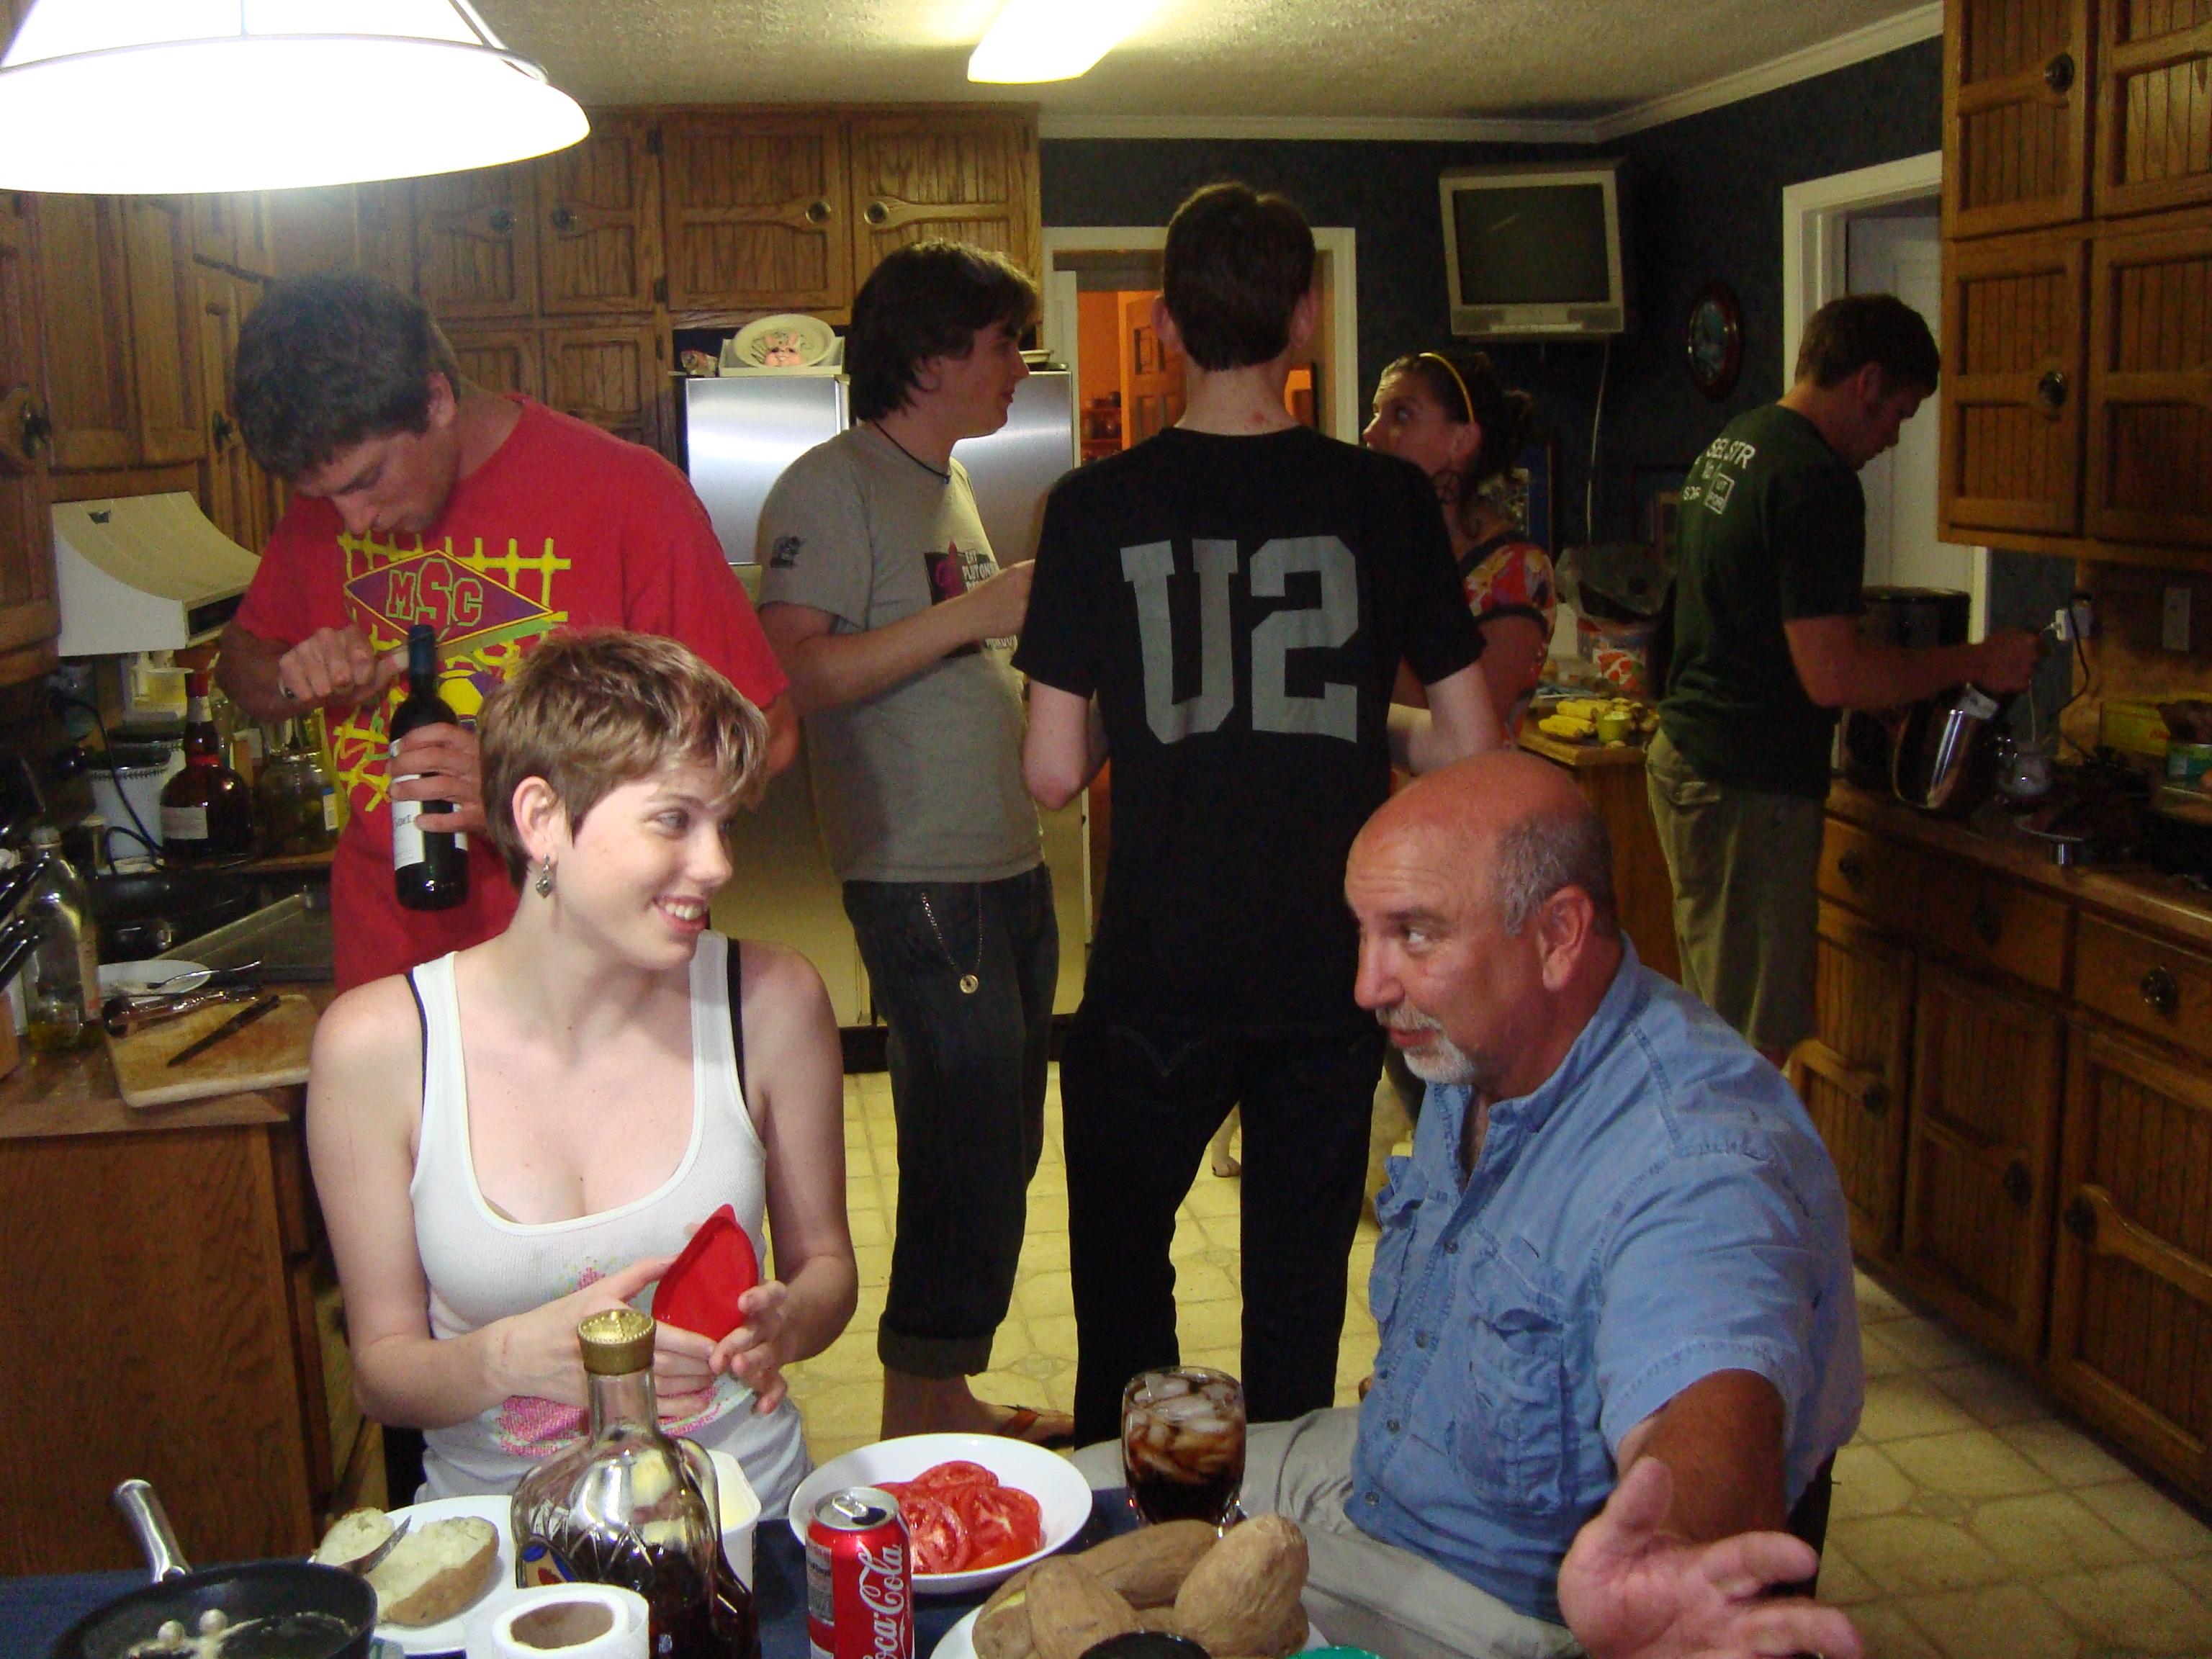 daughter Glenda, brother Eric, son Ben, son Sam, daughter Amy, boyfriend Sam, friend Mikey